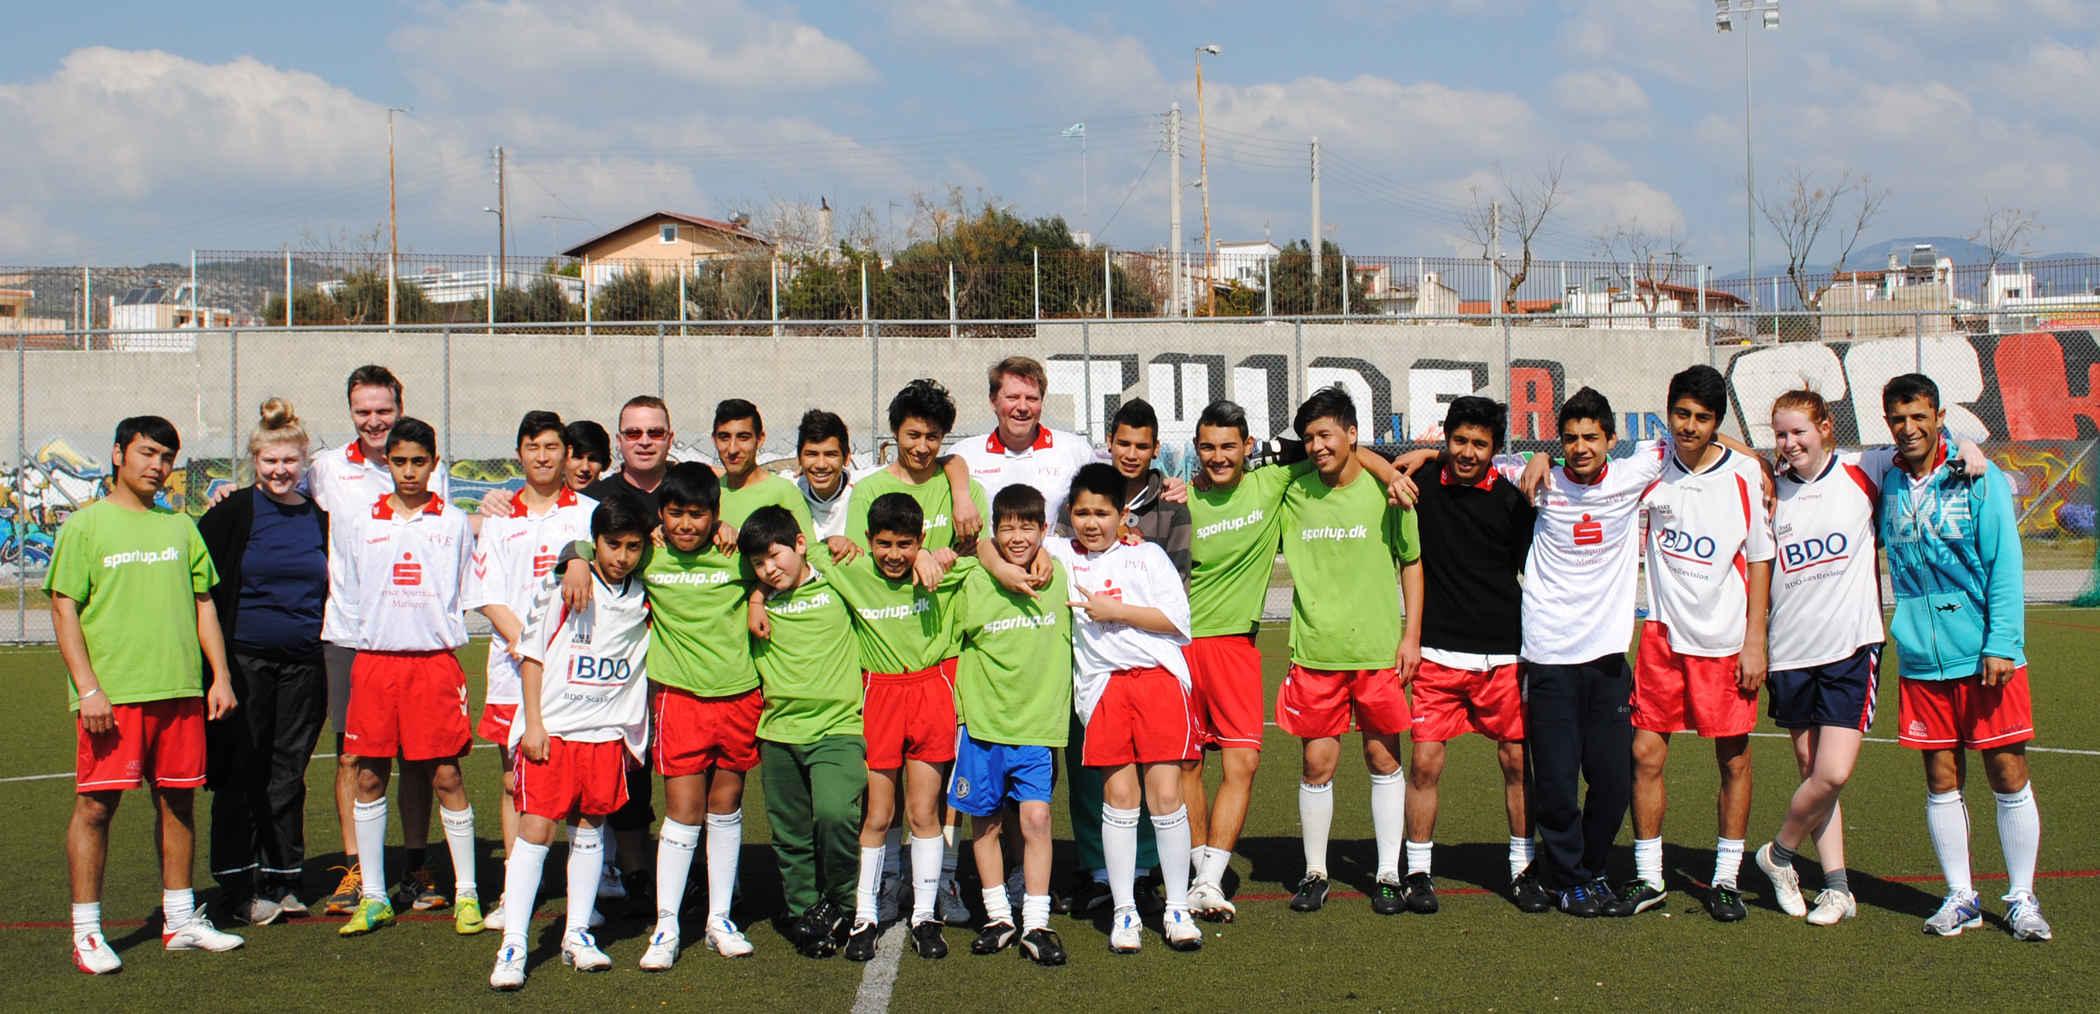 Claus og unge fra Danmark spiller fodbold med Flygtningedrenge i Athen